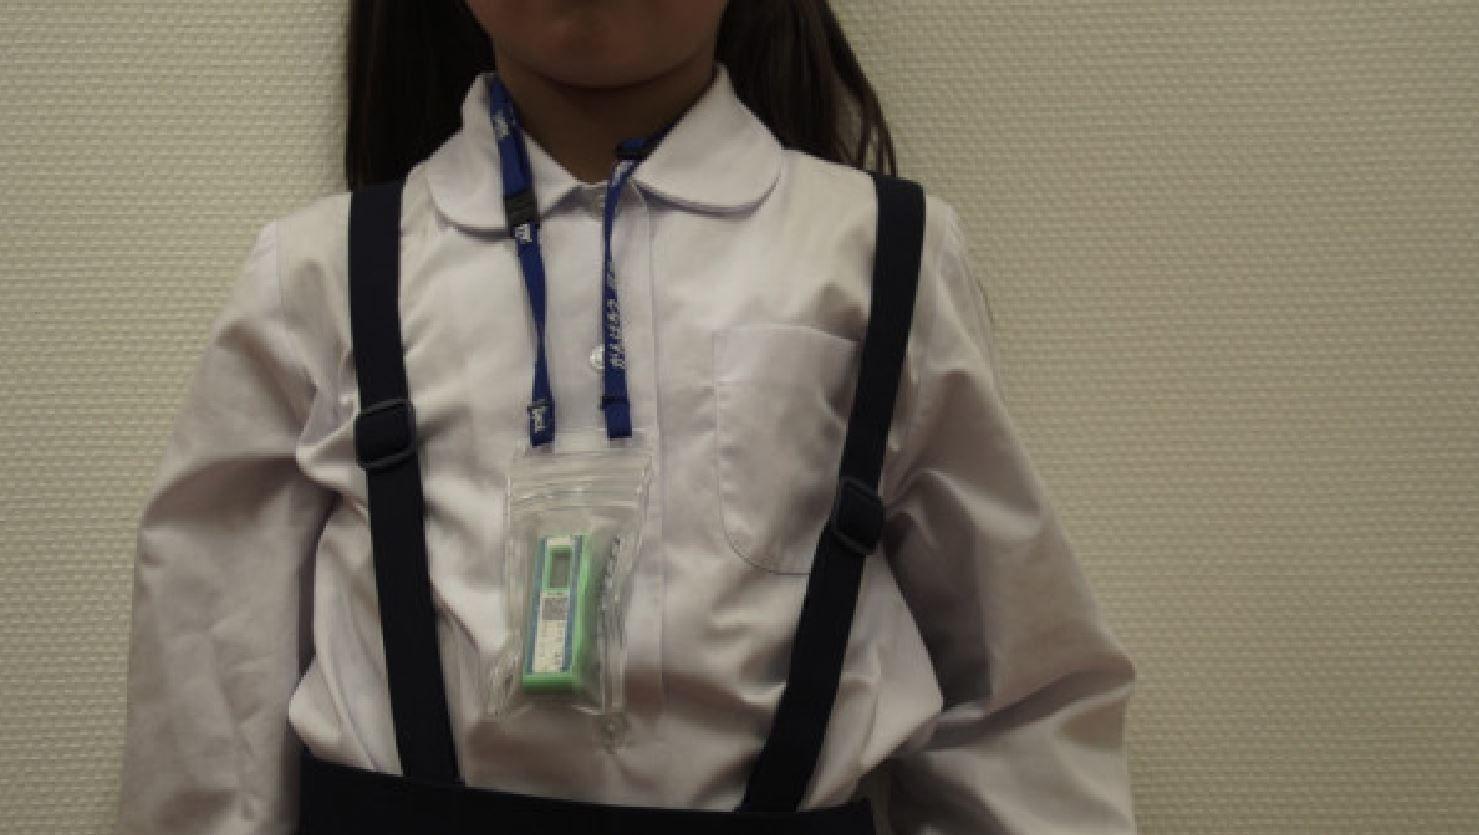 Enfant portant un dosimètre dans la préfecture de Fukushima (Photo Alain de Halleux)